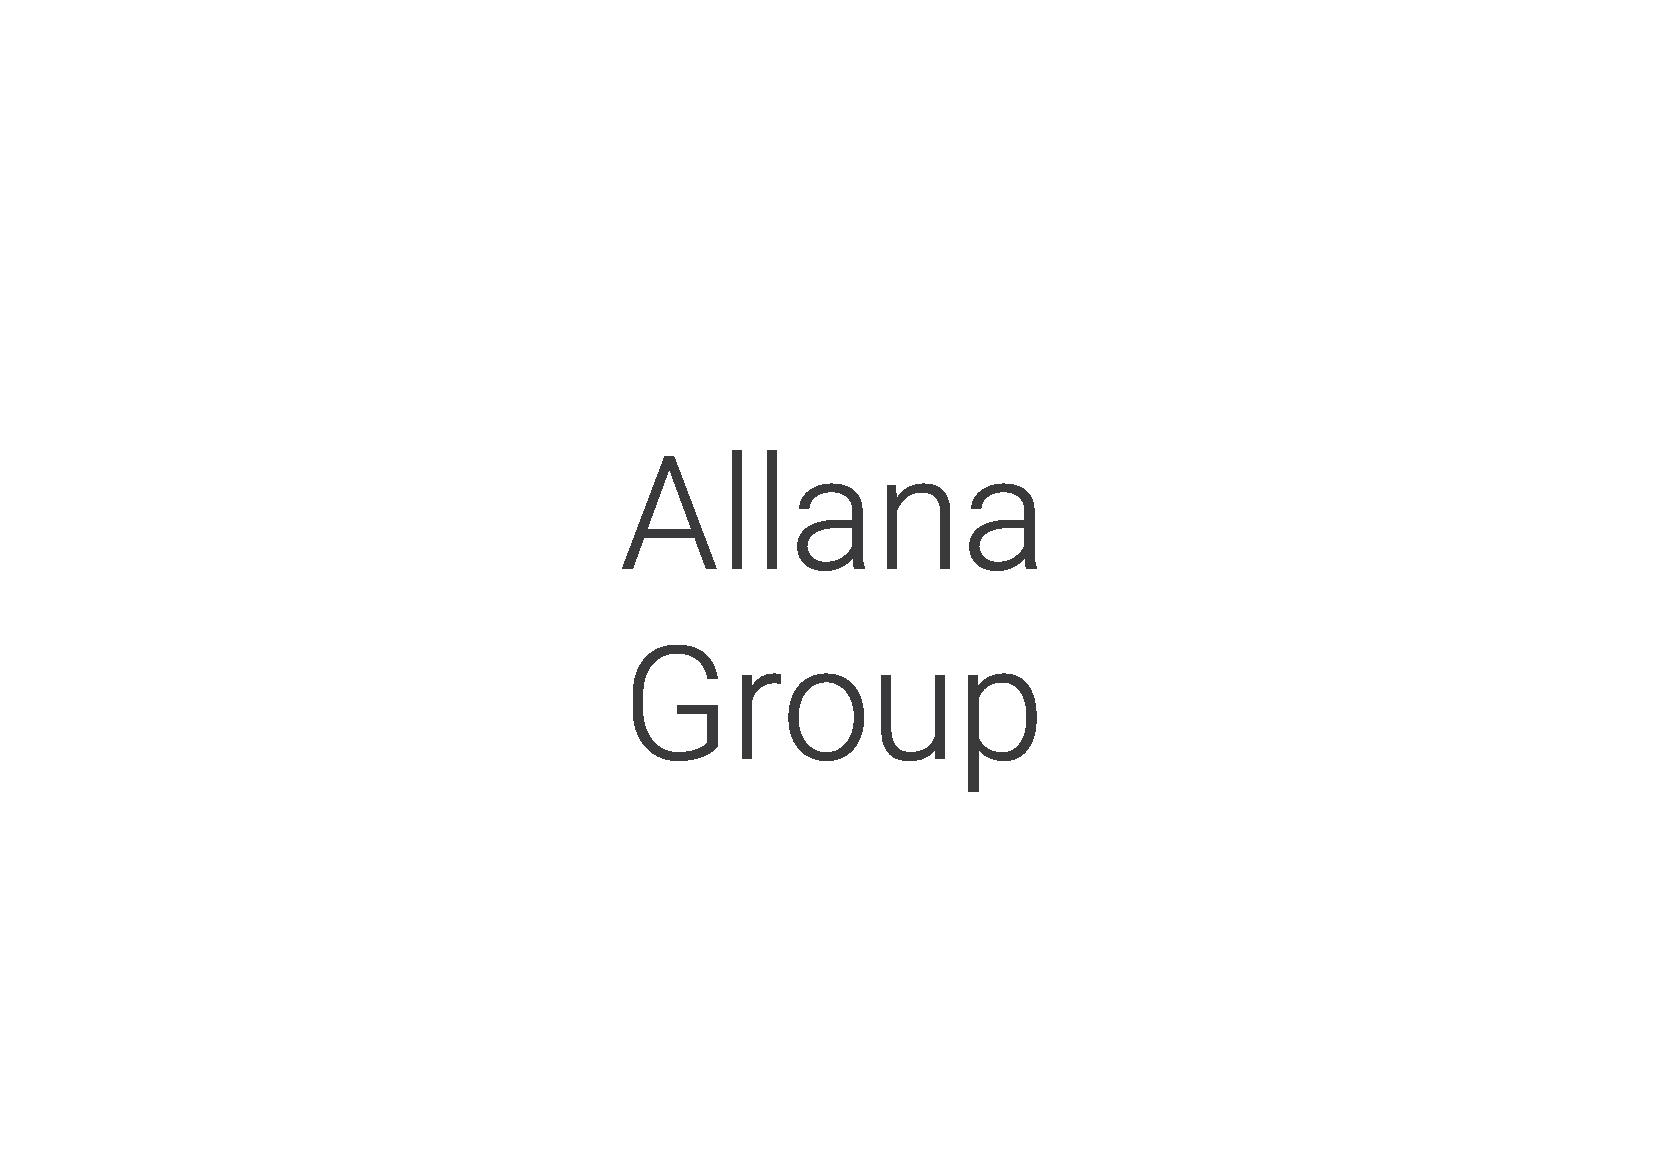 Allana Group